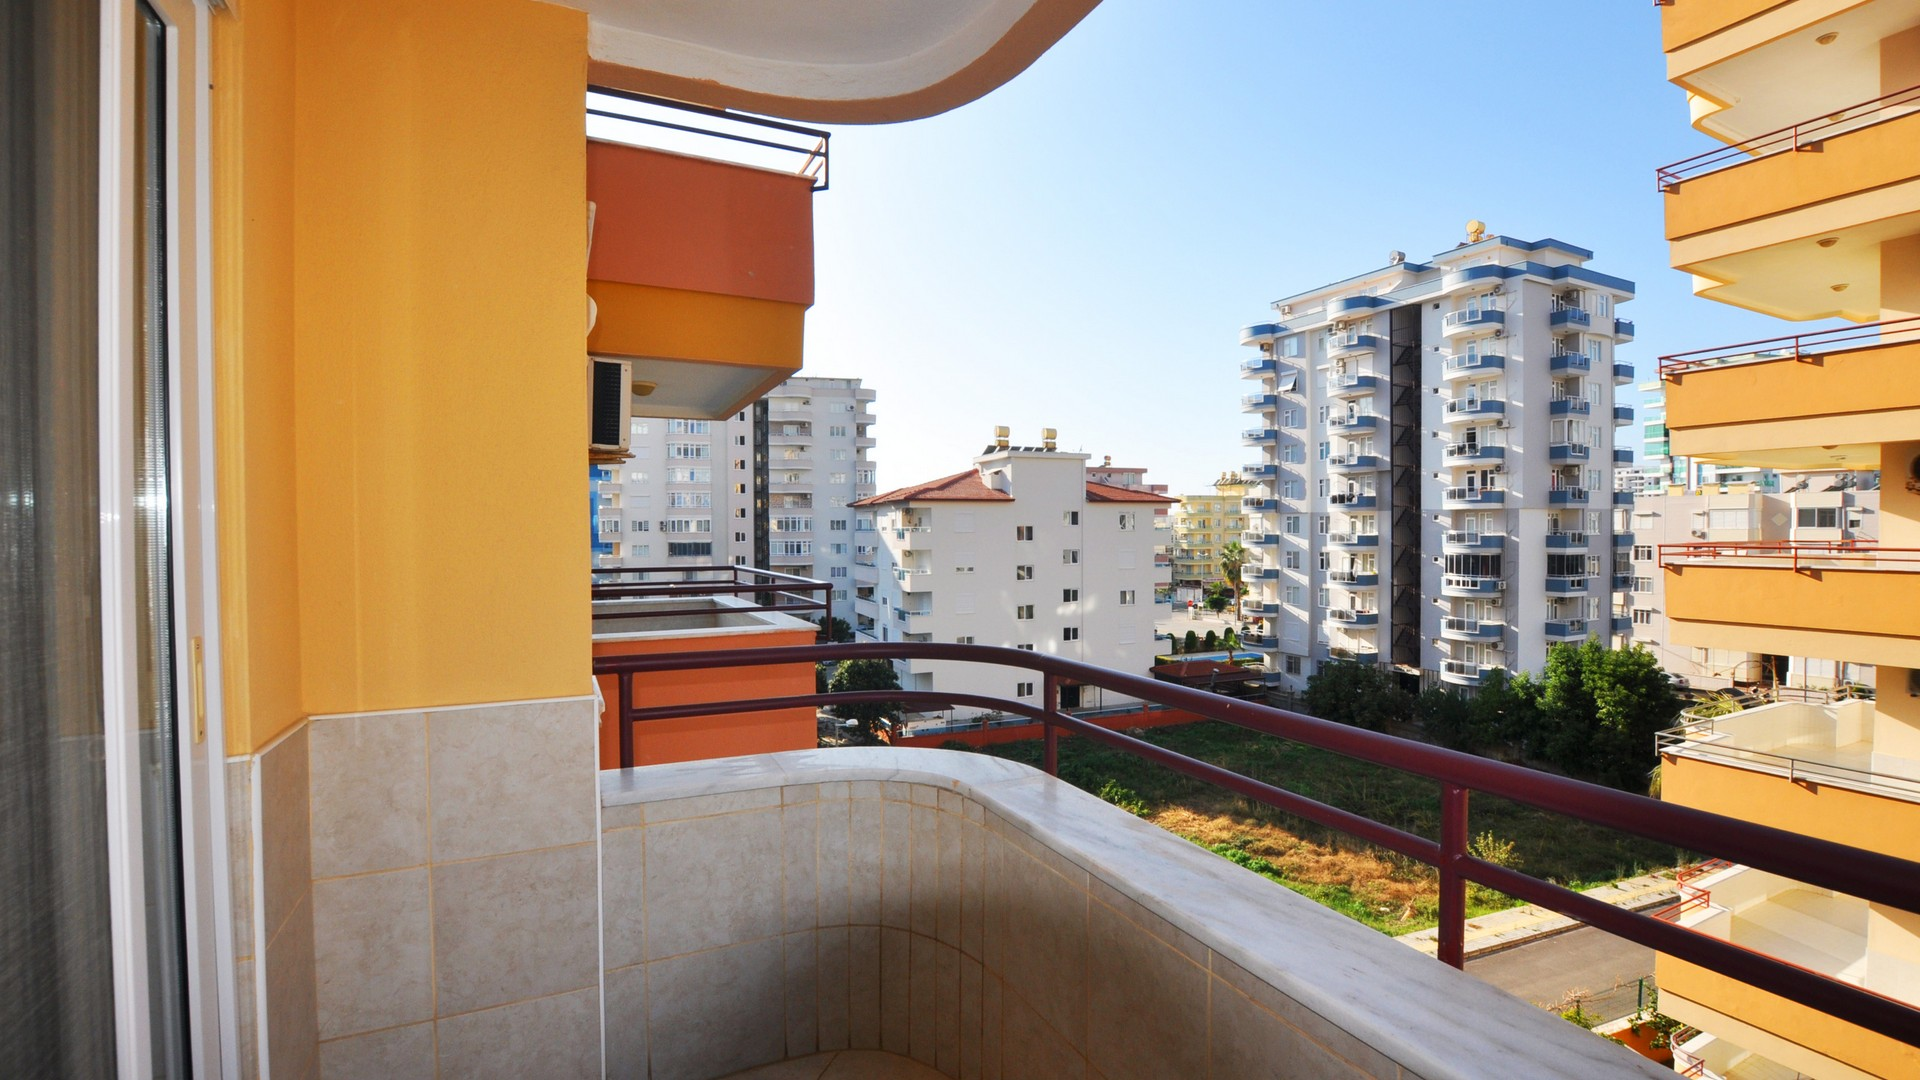 Меблированные апартаменты в Махмутлар - Фото 23